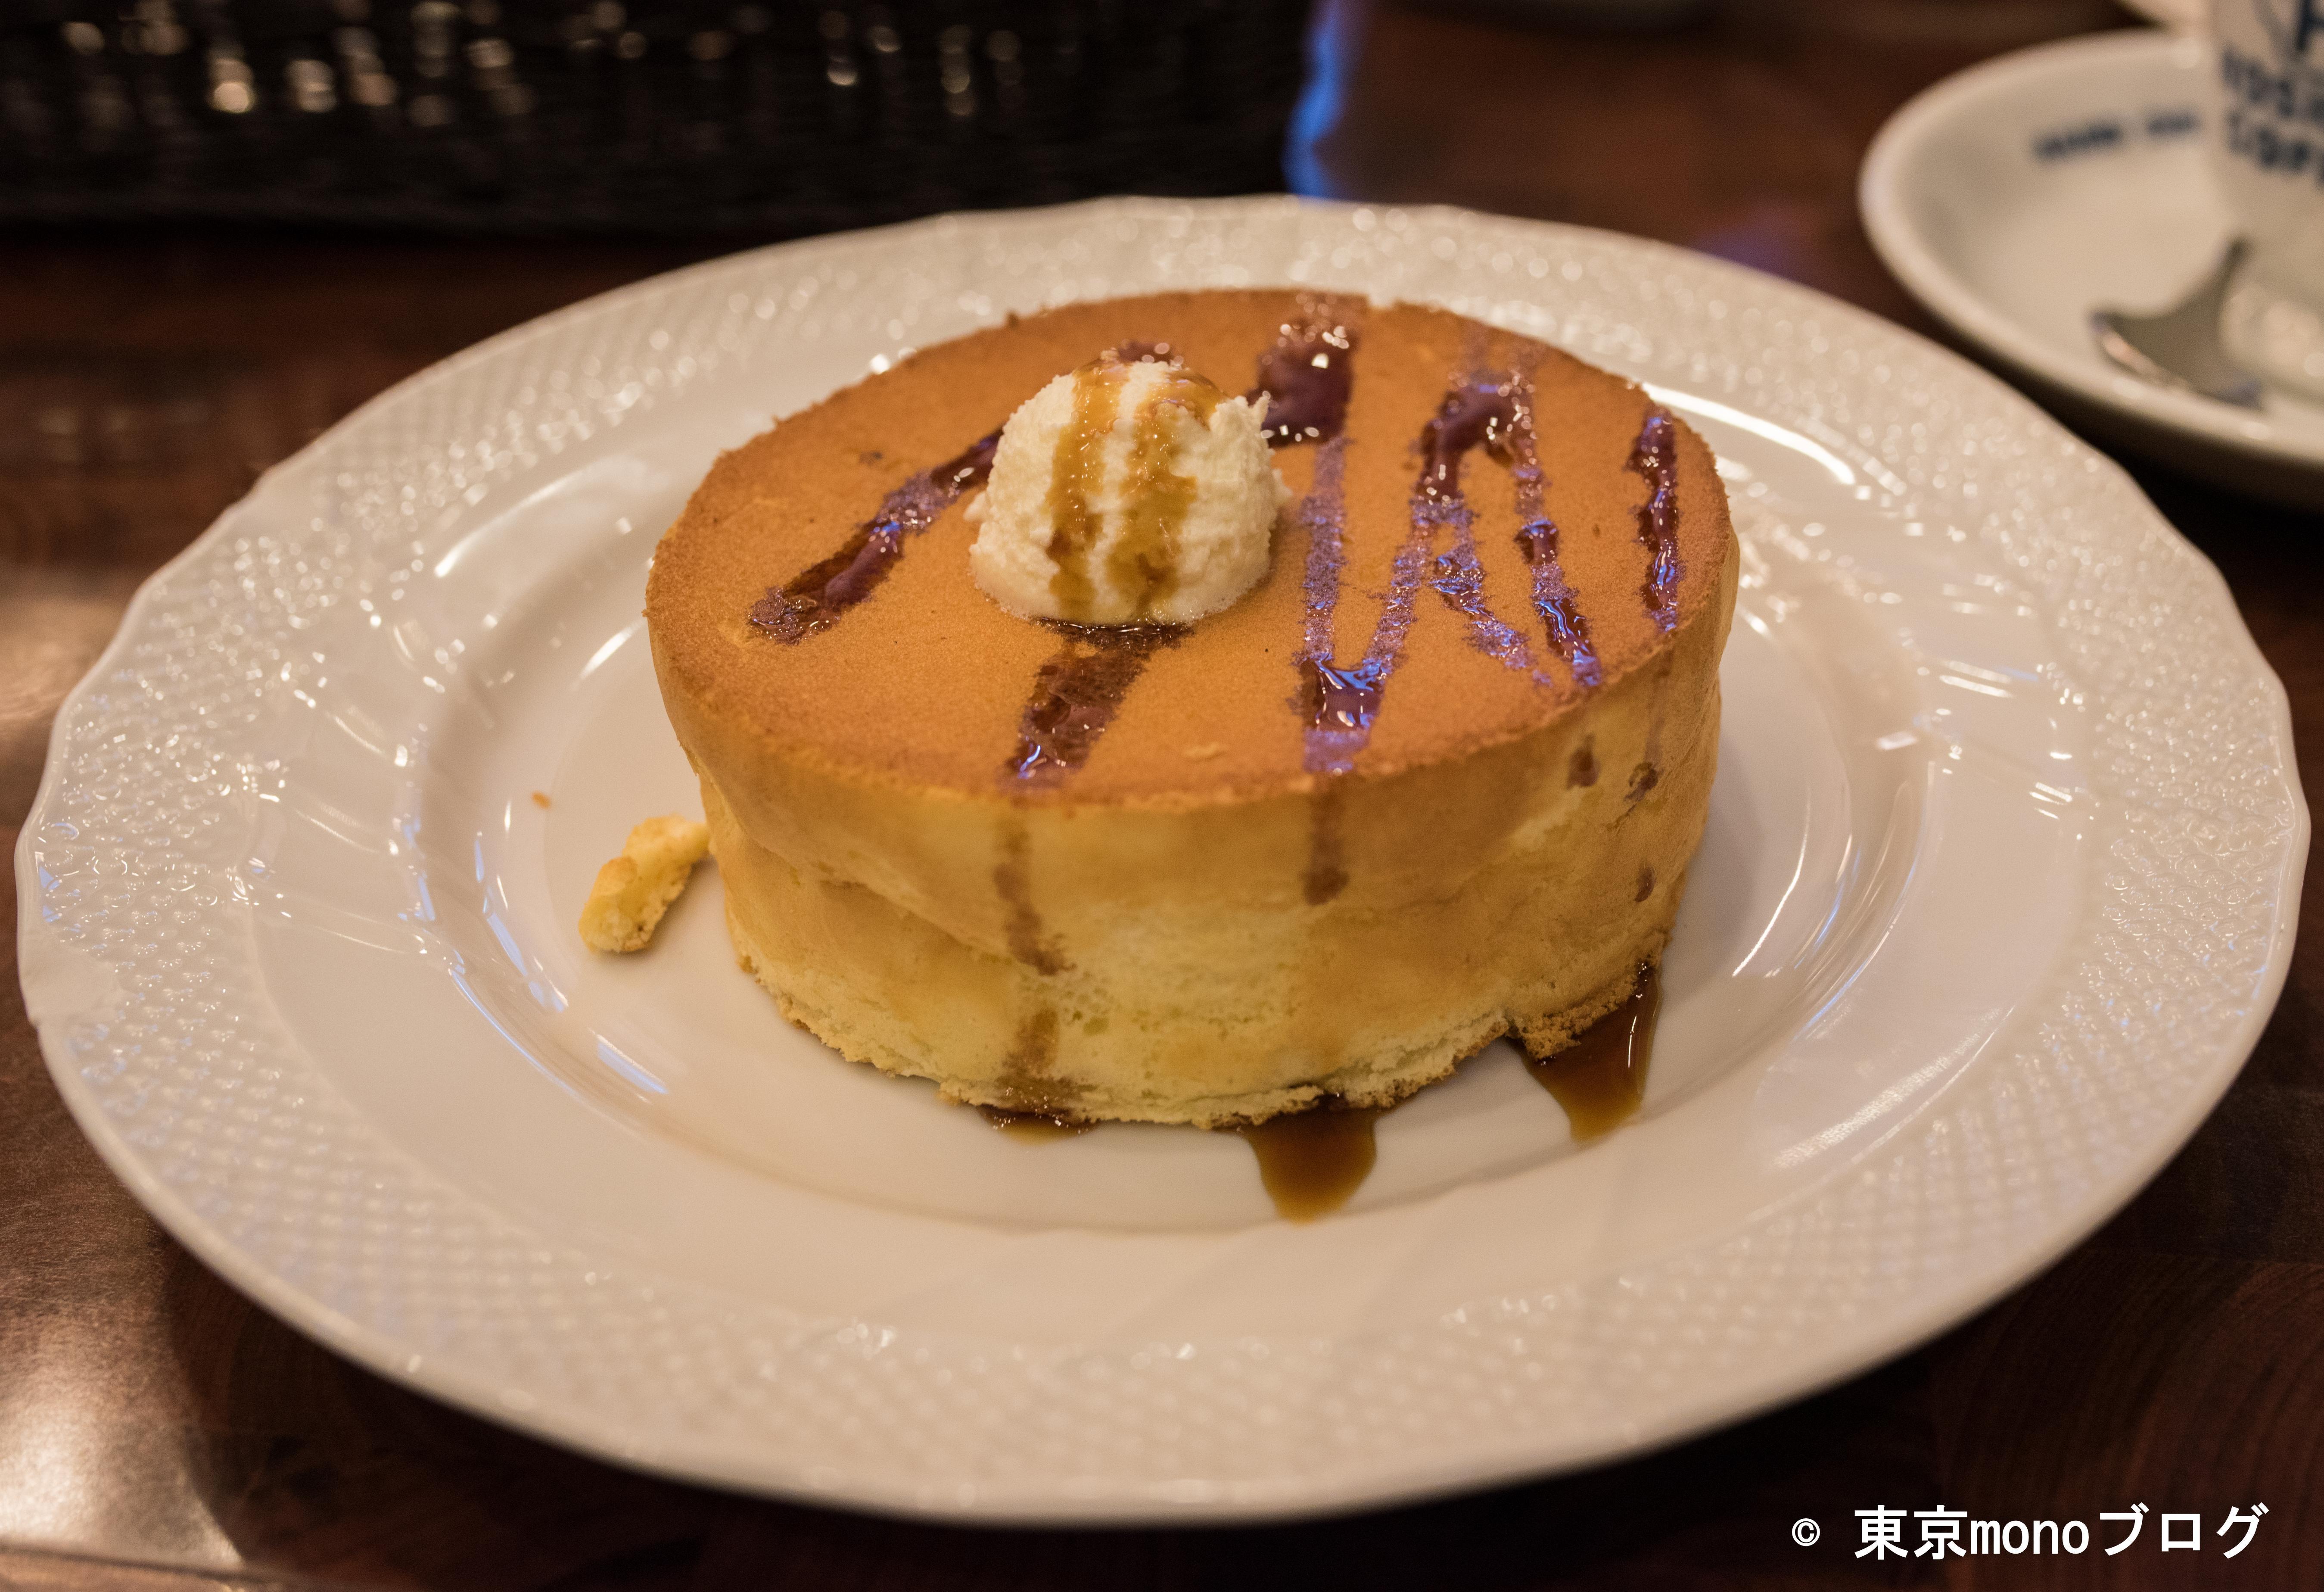 星乃珈琲店 スフレパンケーキにシロップ